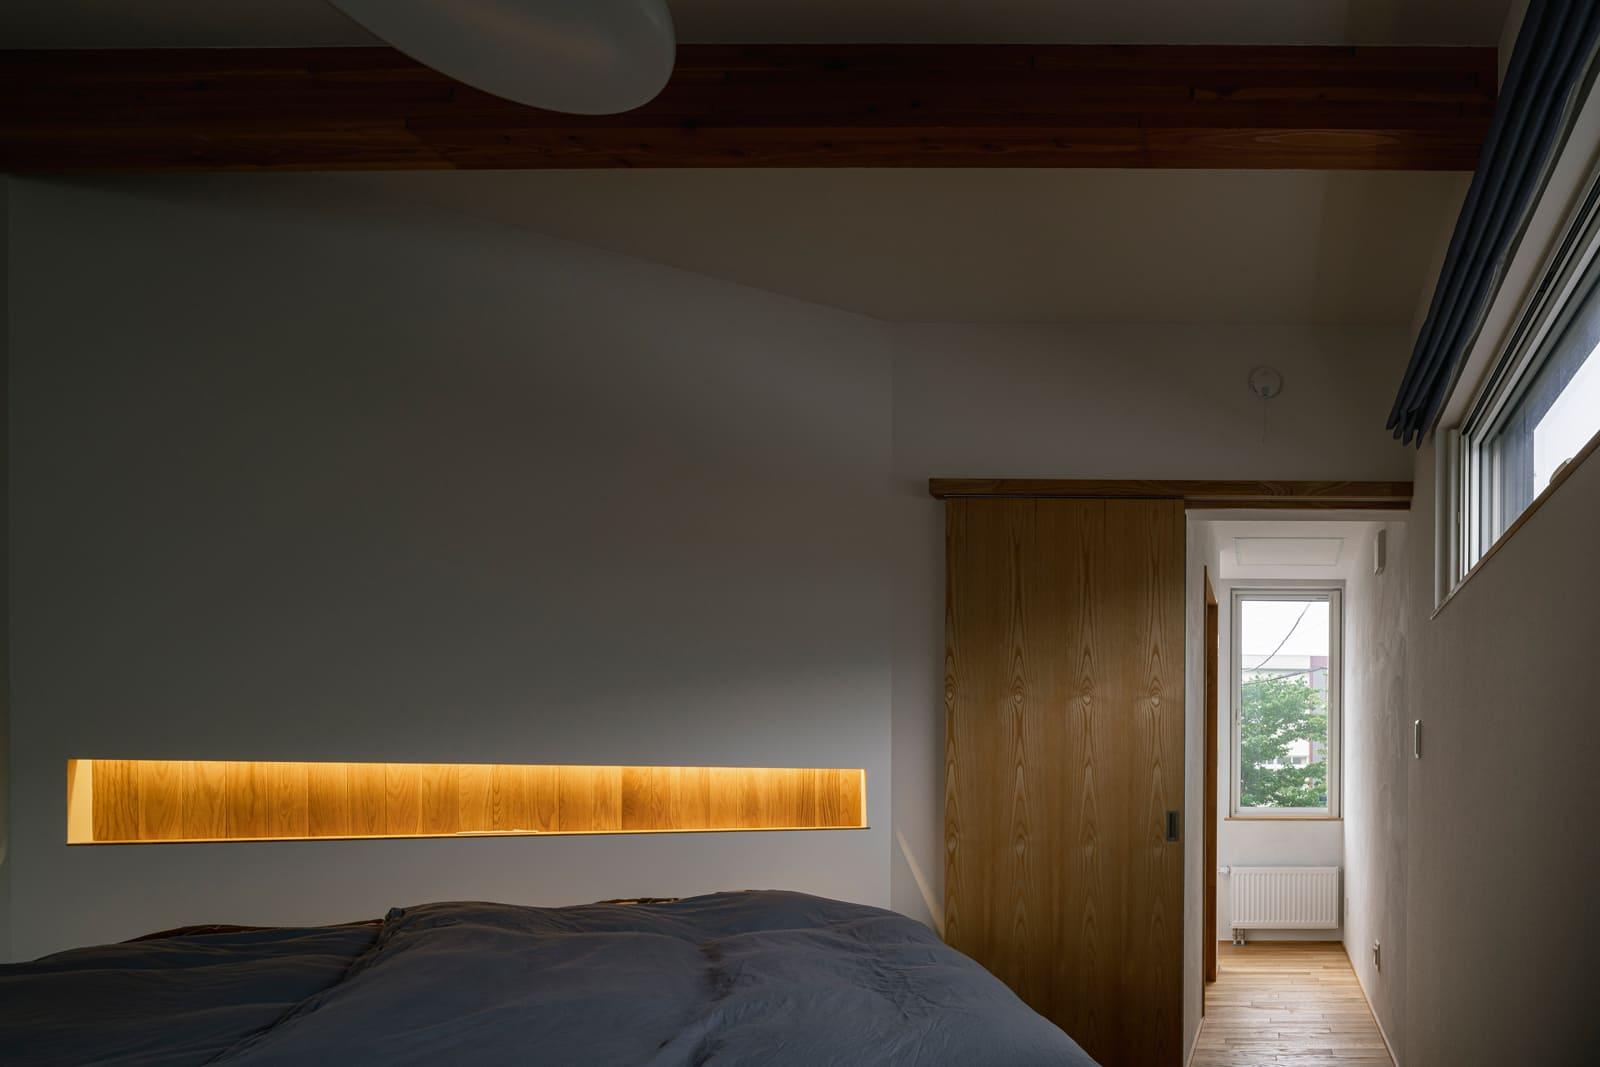 開口を抑え、間接照明を施した寝室は落ち着いた雰囲気。姿見付きのウォークインクローゼットも備える